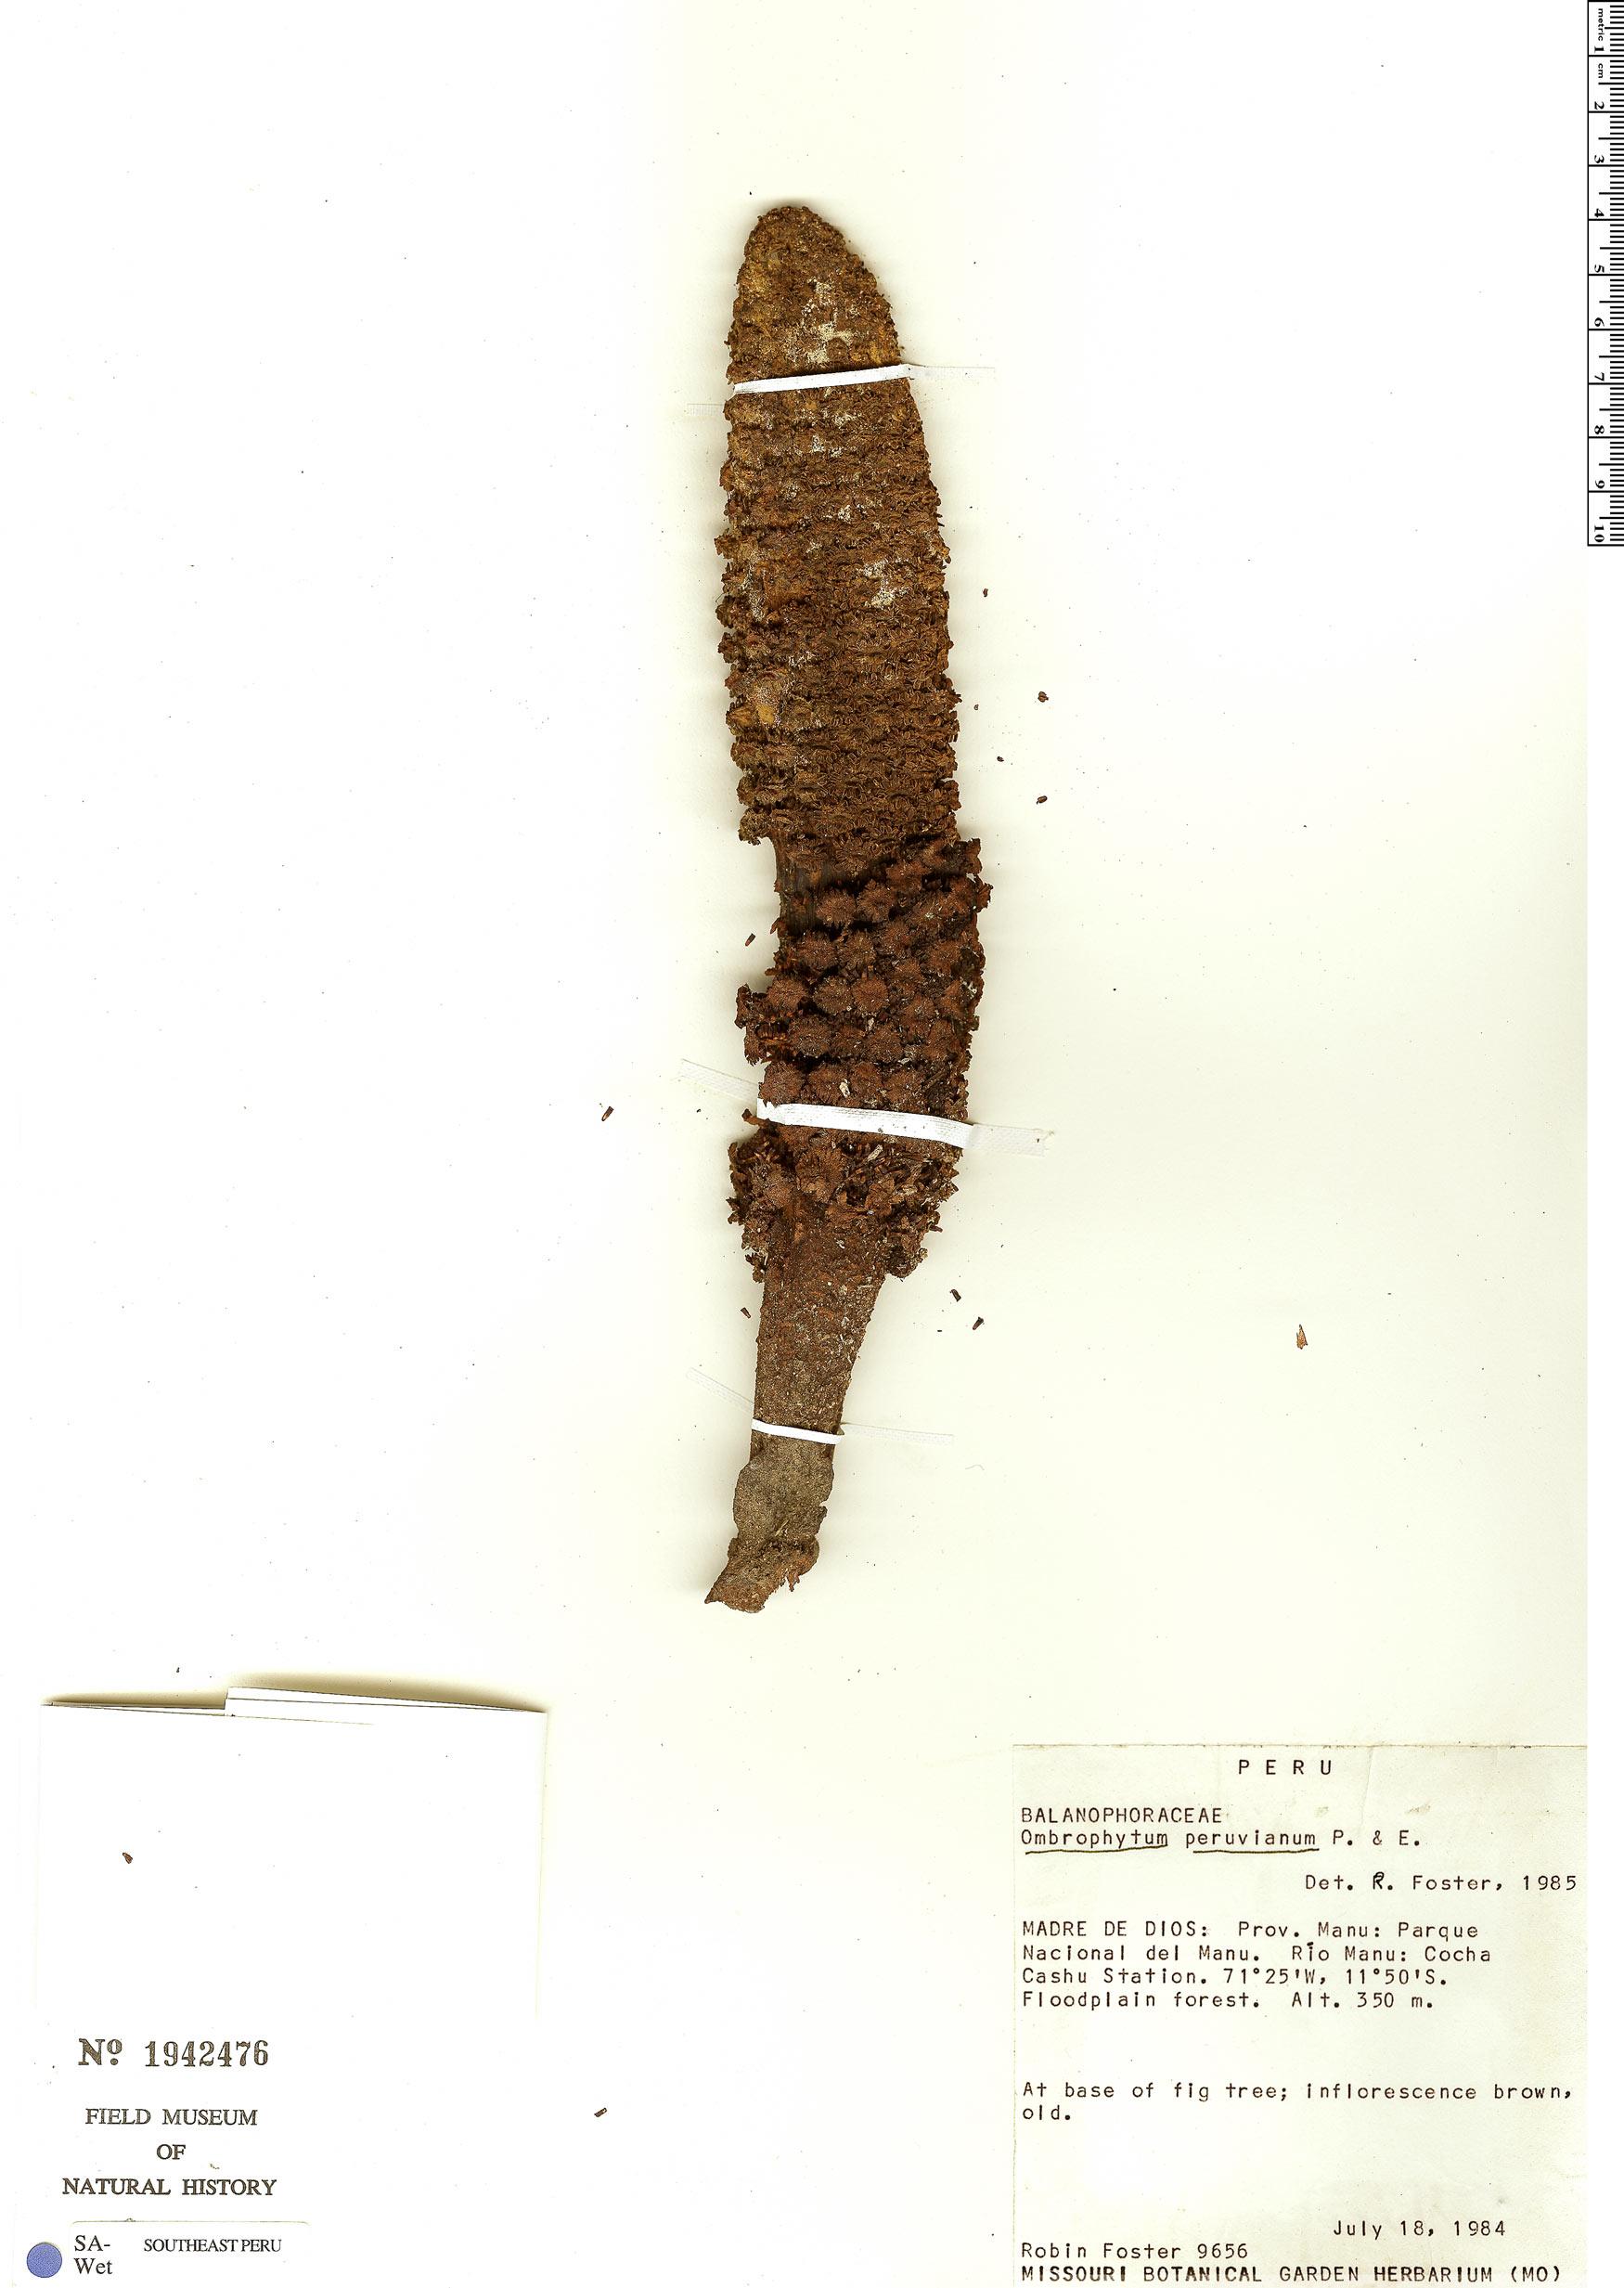 Specimen: Ombrophytum peruvianum